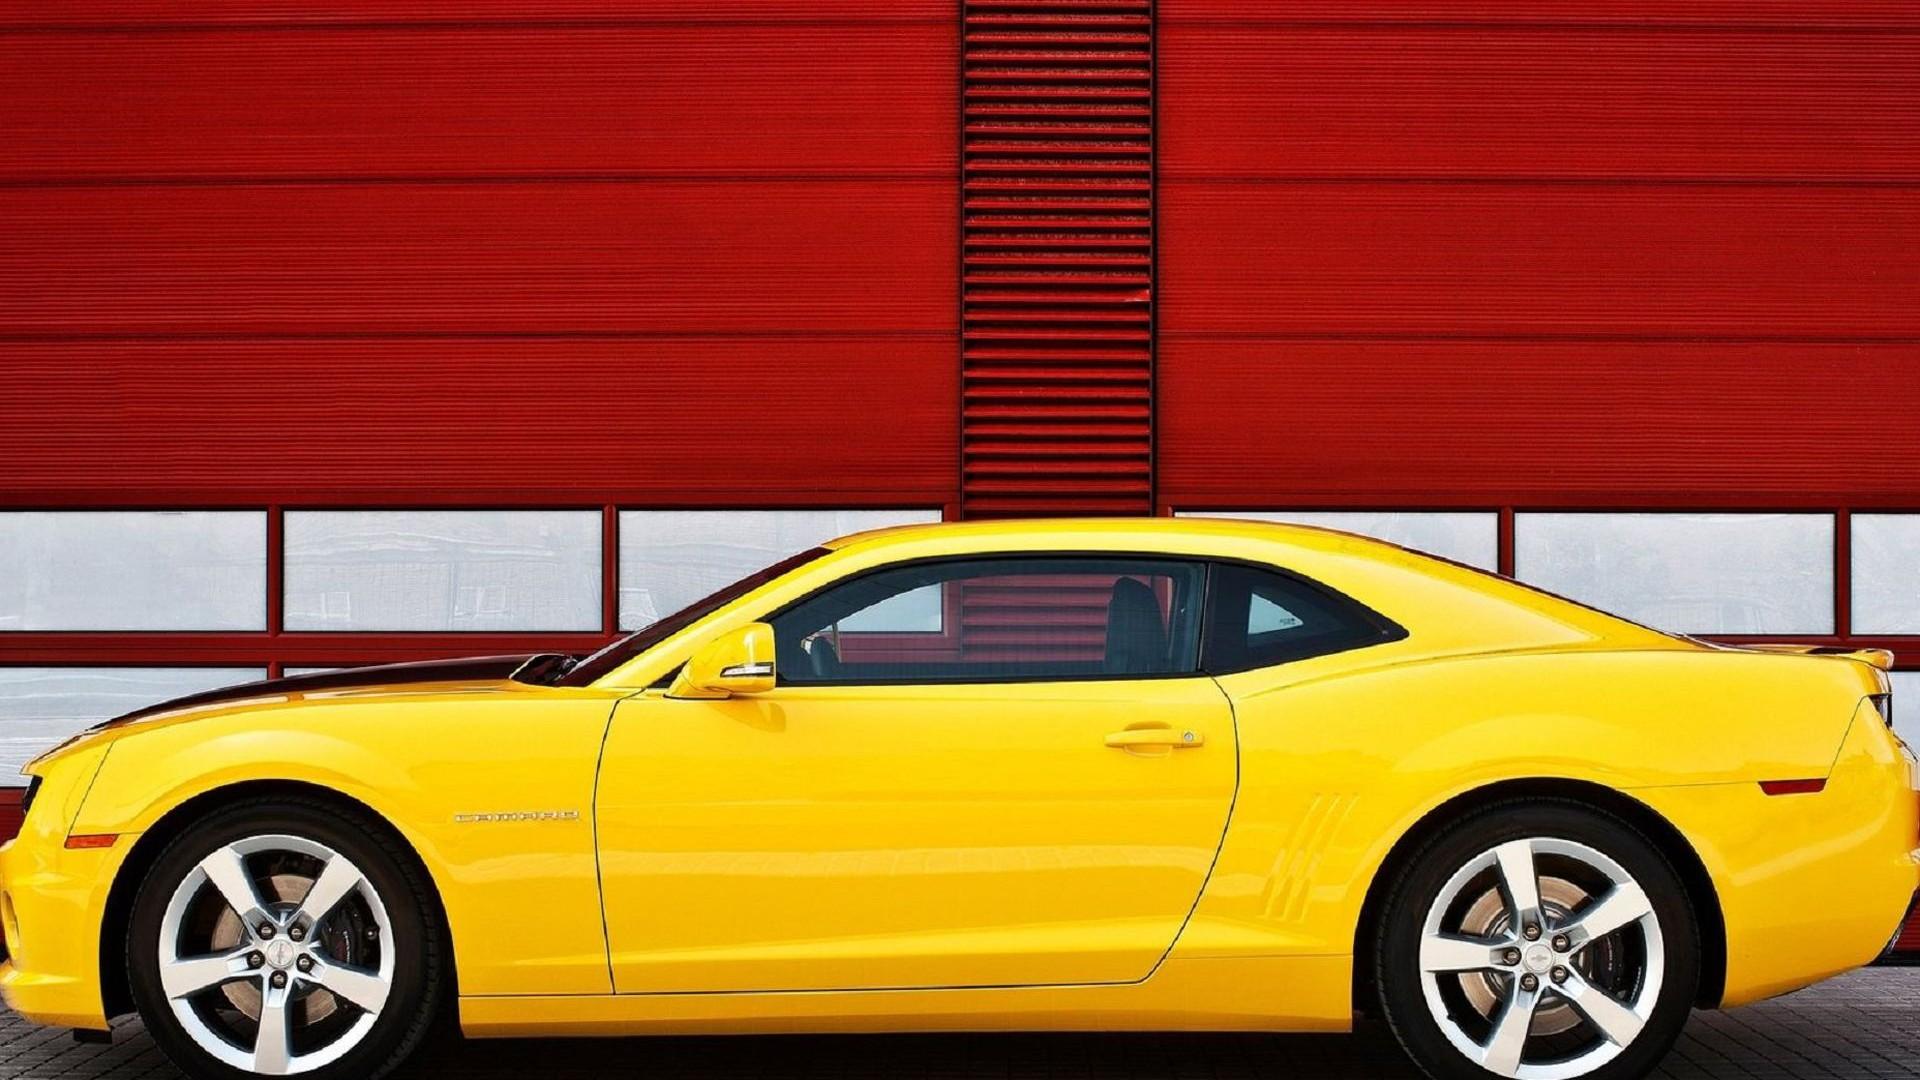 Chevrolet Camaro Version (2012) Pics & images